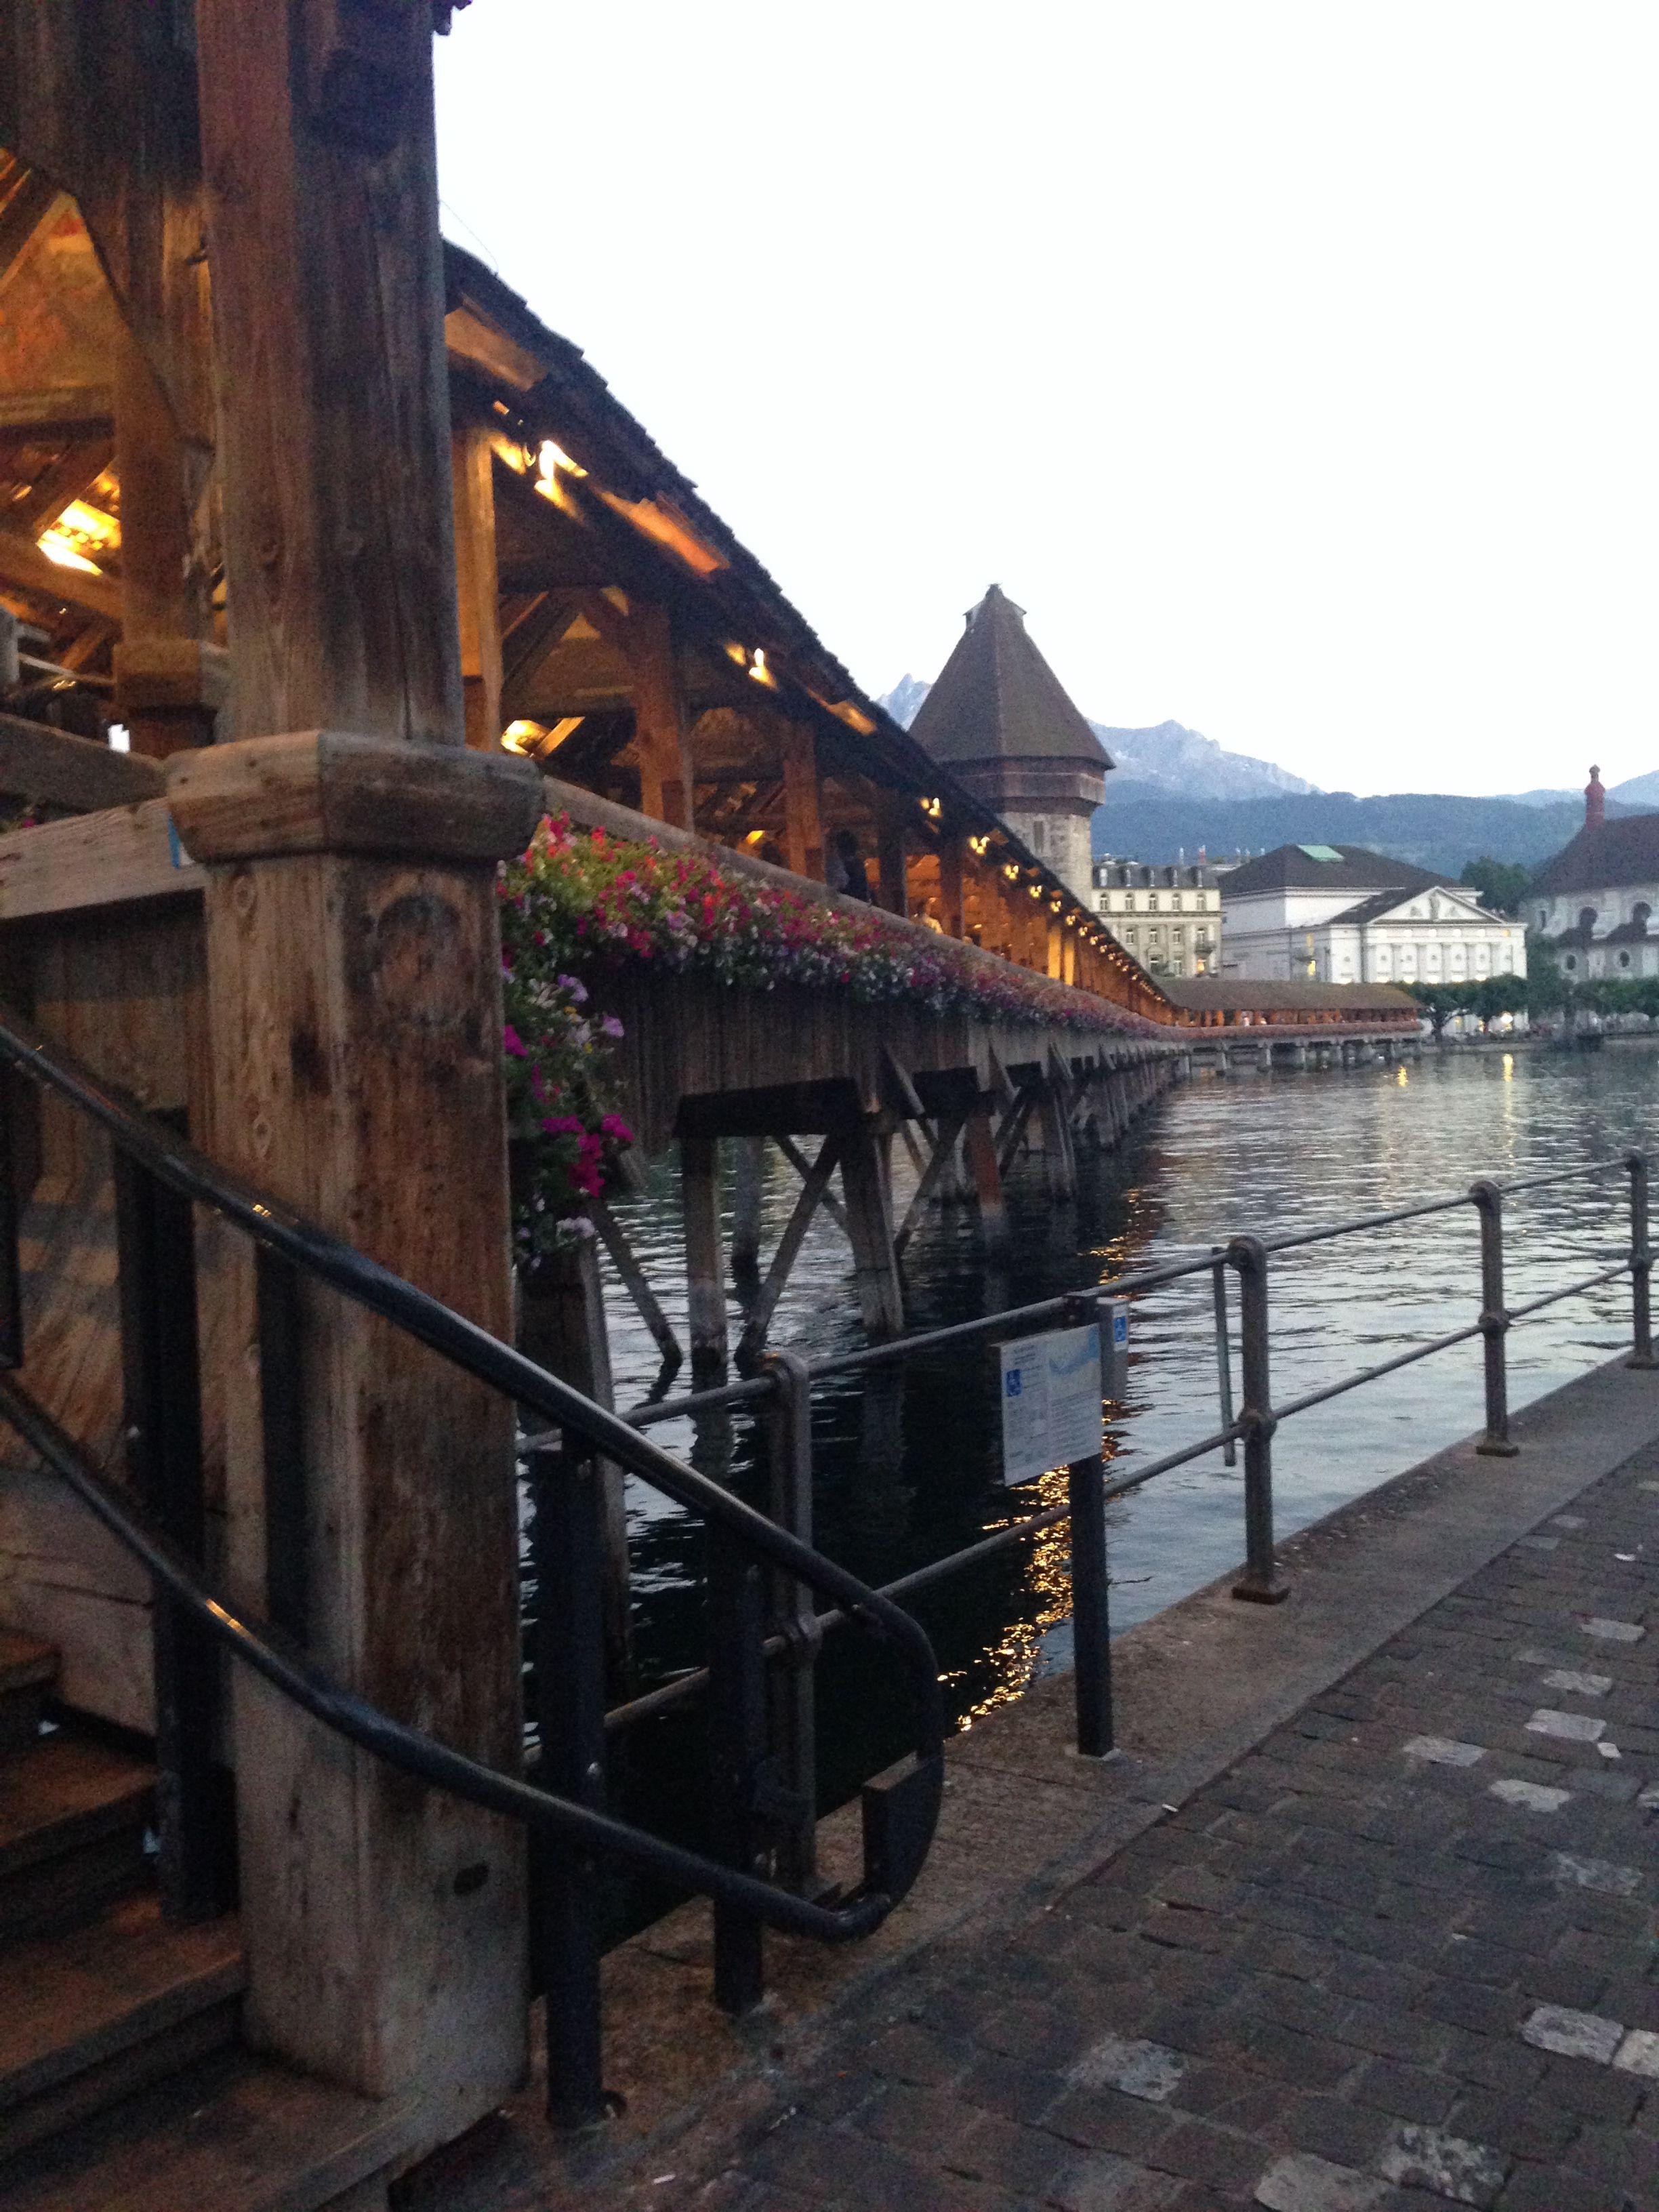 Kapellbruecke-Luzern